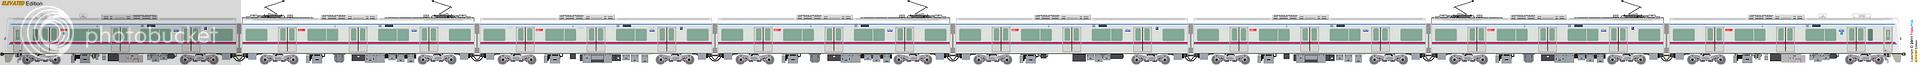 [5345] 京成電鉄 2345